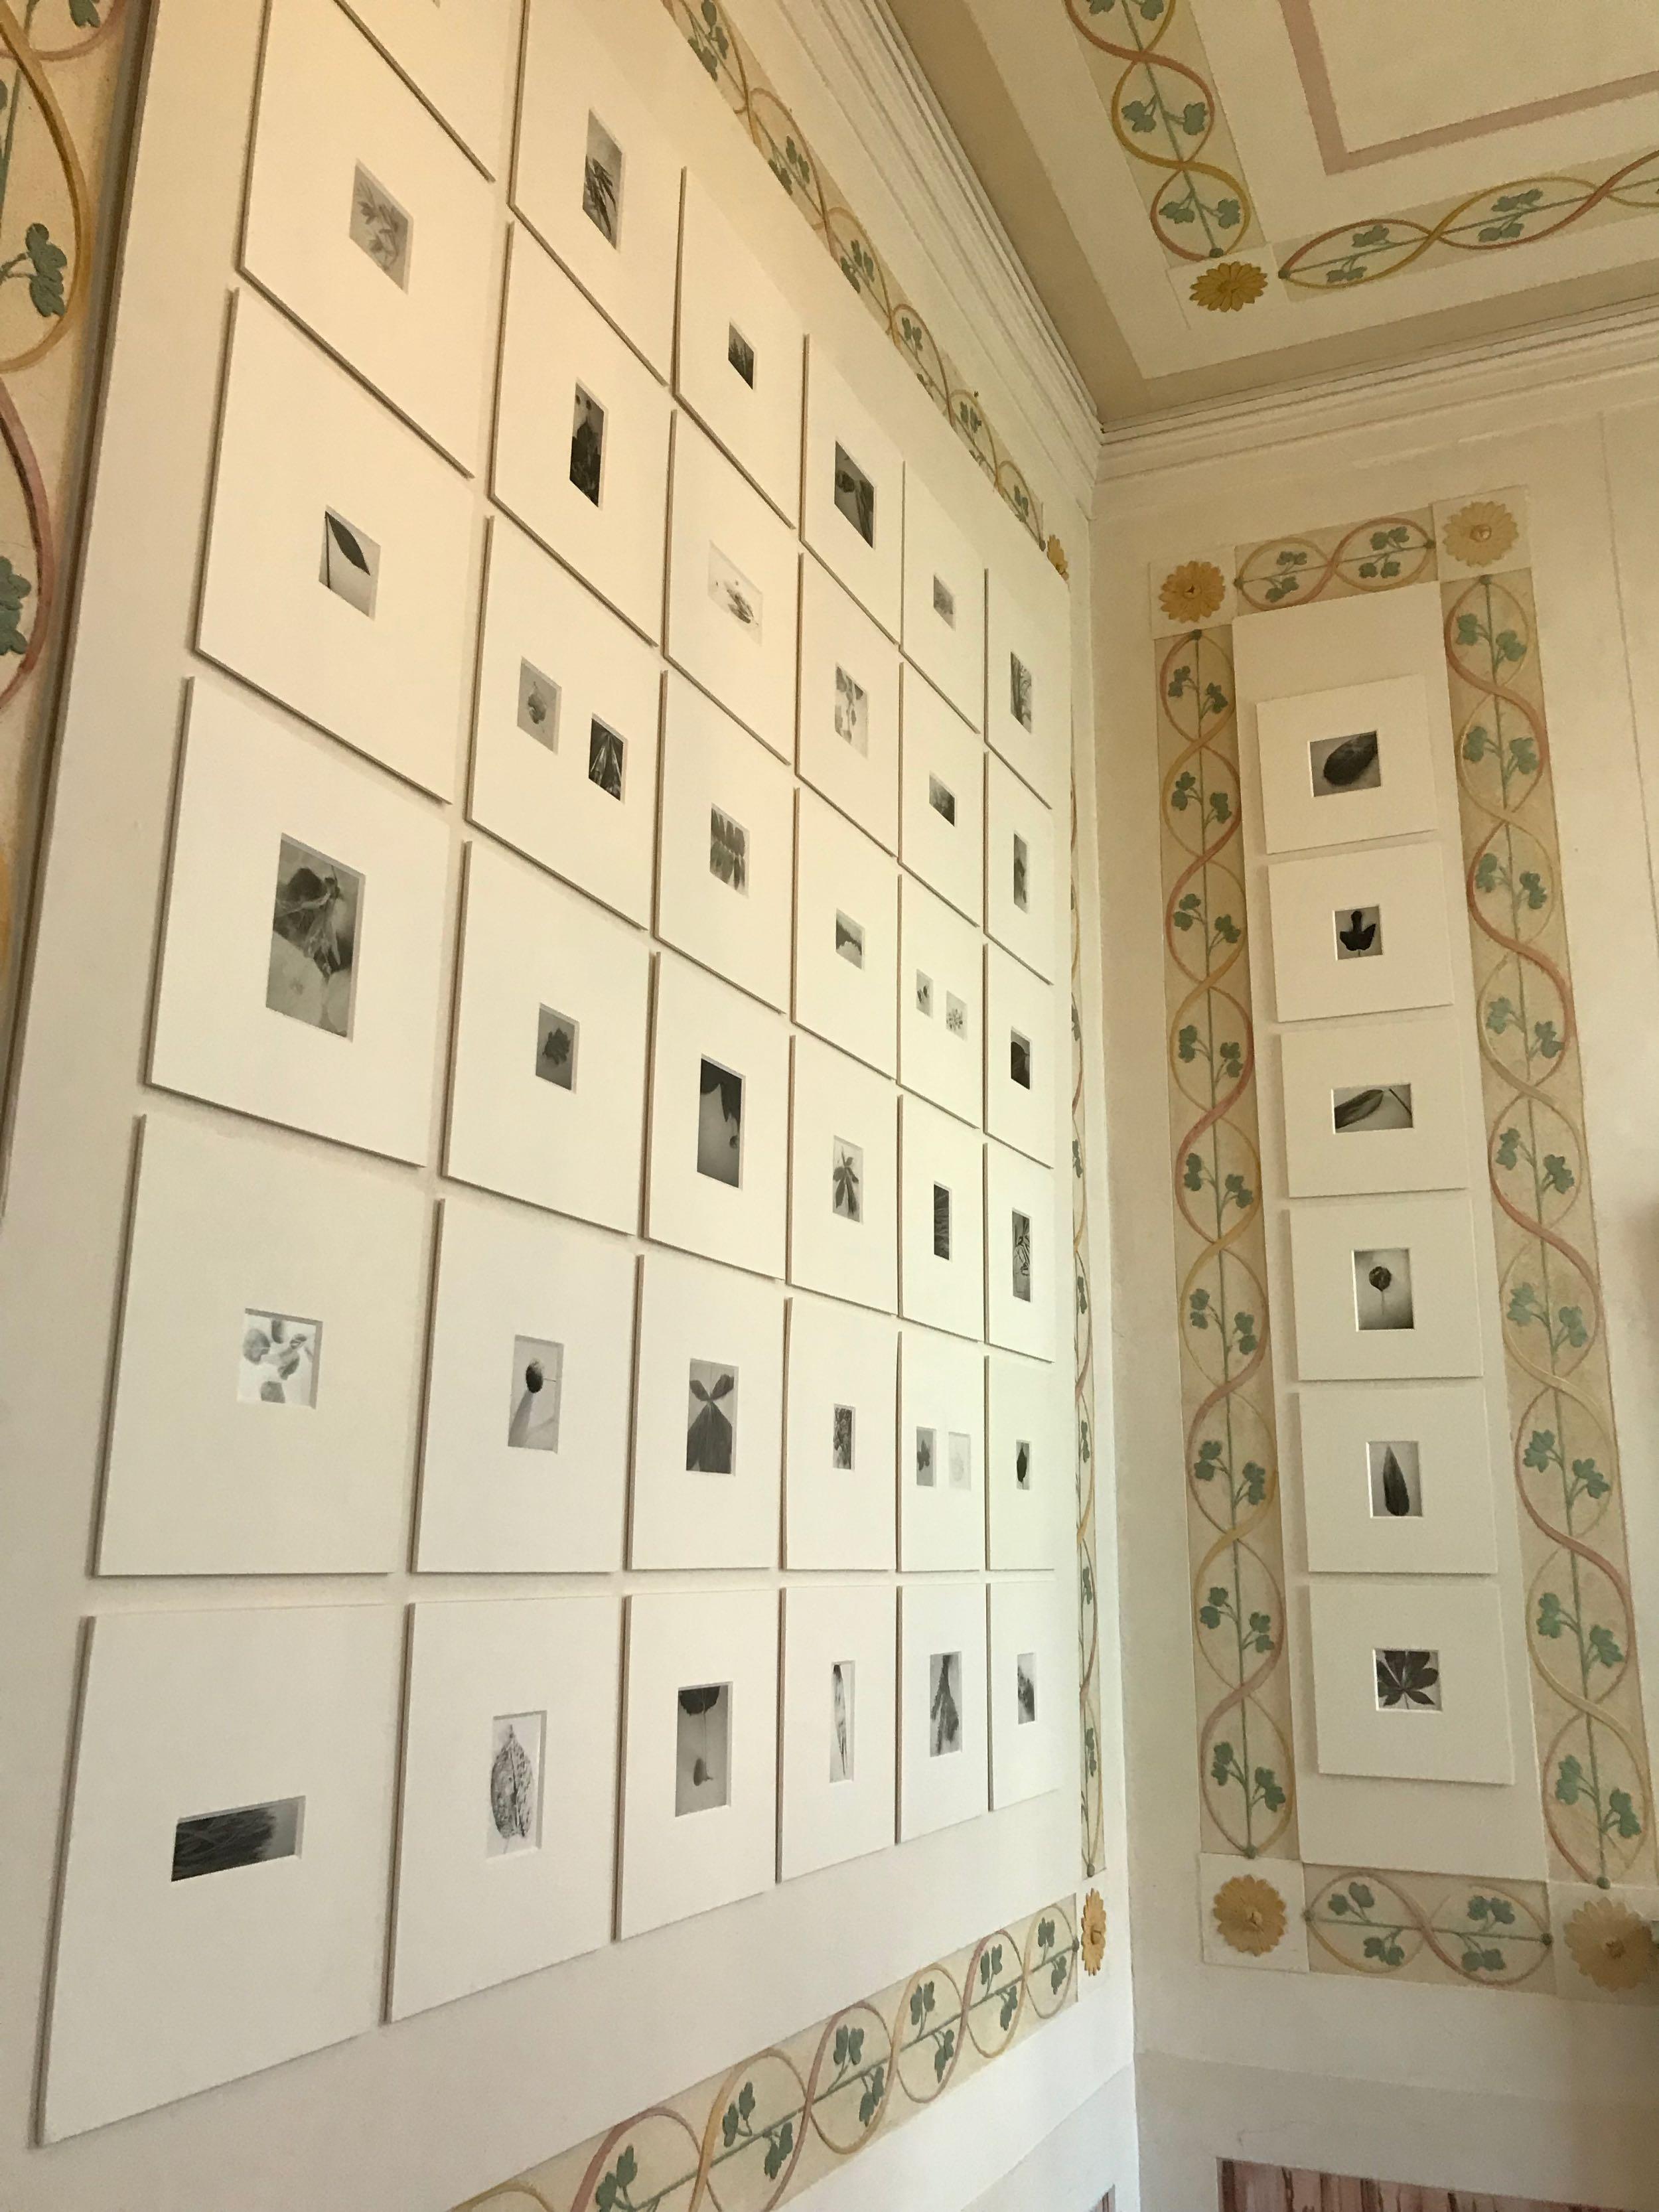 Mariateresa Sartori, pinhole camera photographs at the Fondazione Querini Stampalia, Venice